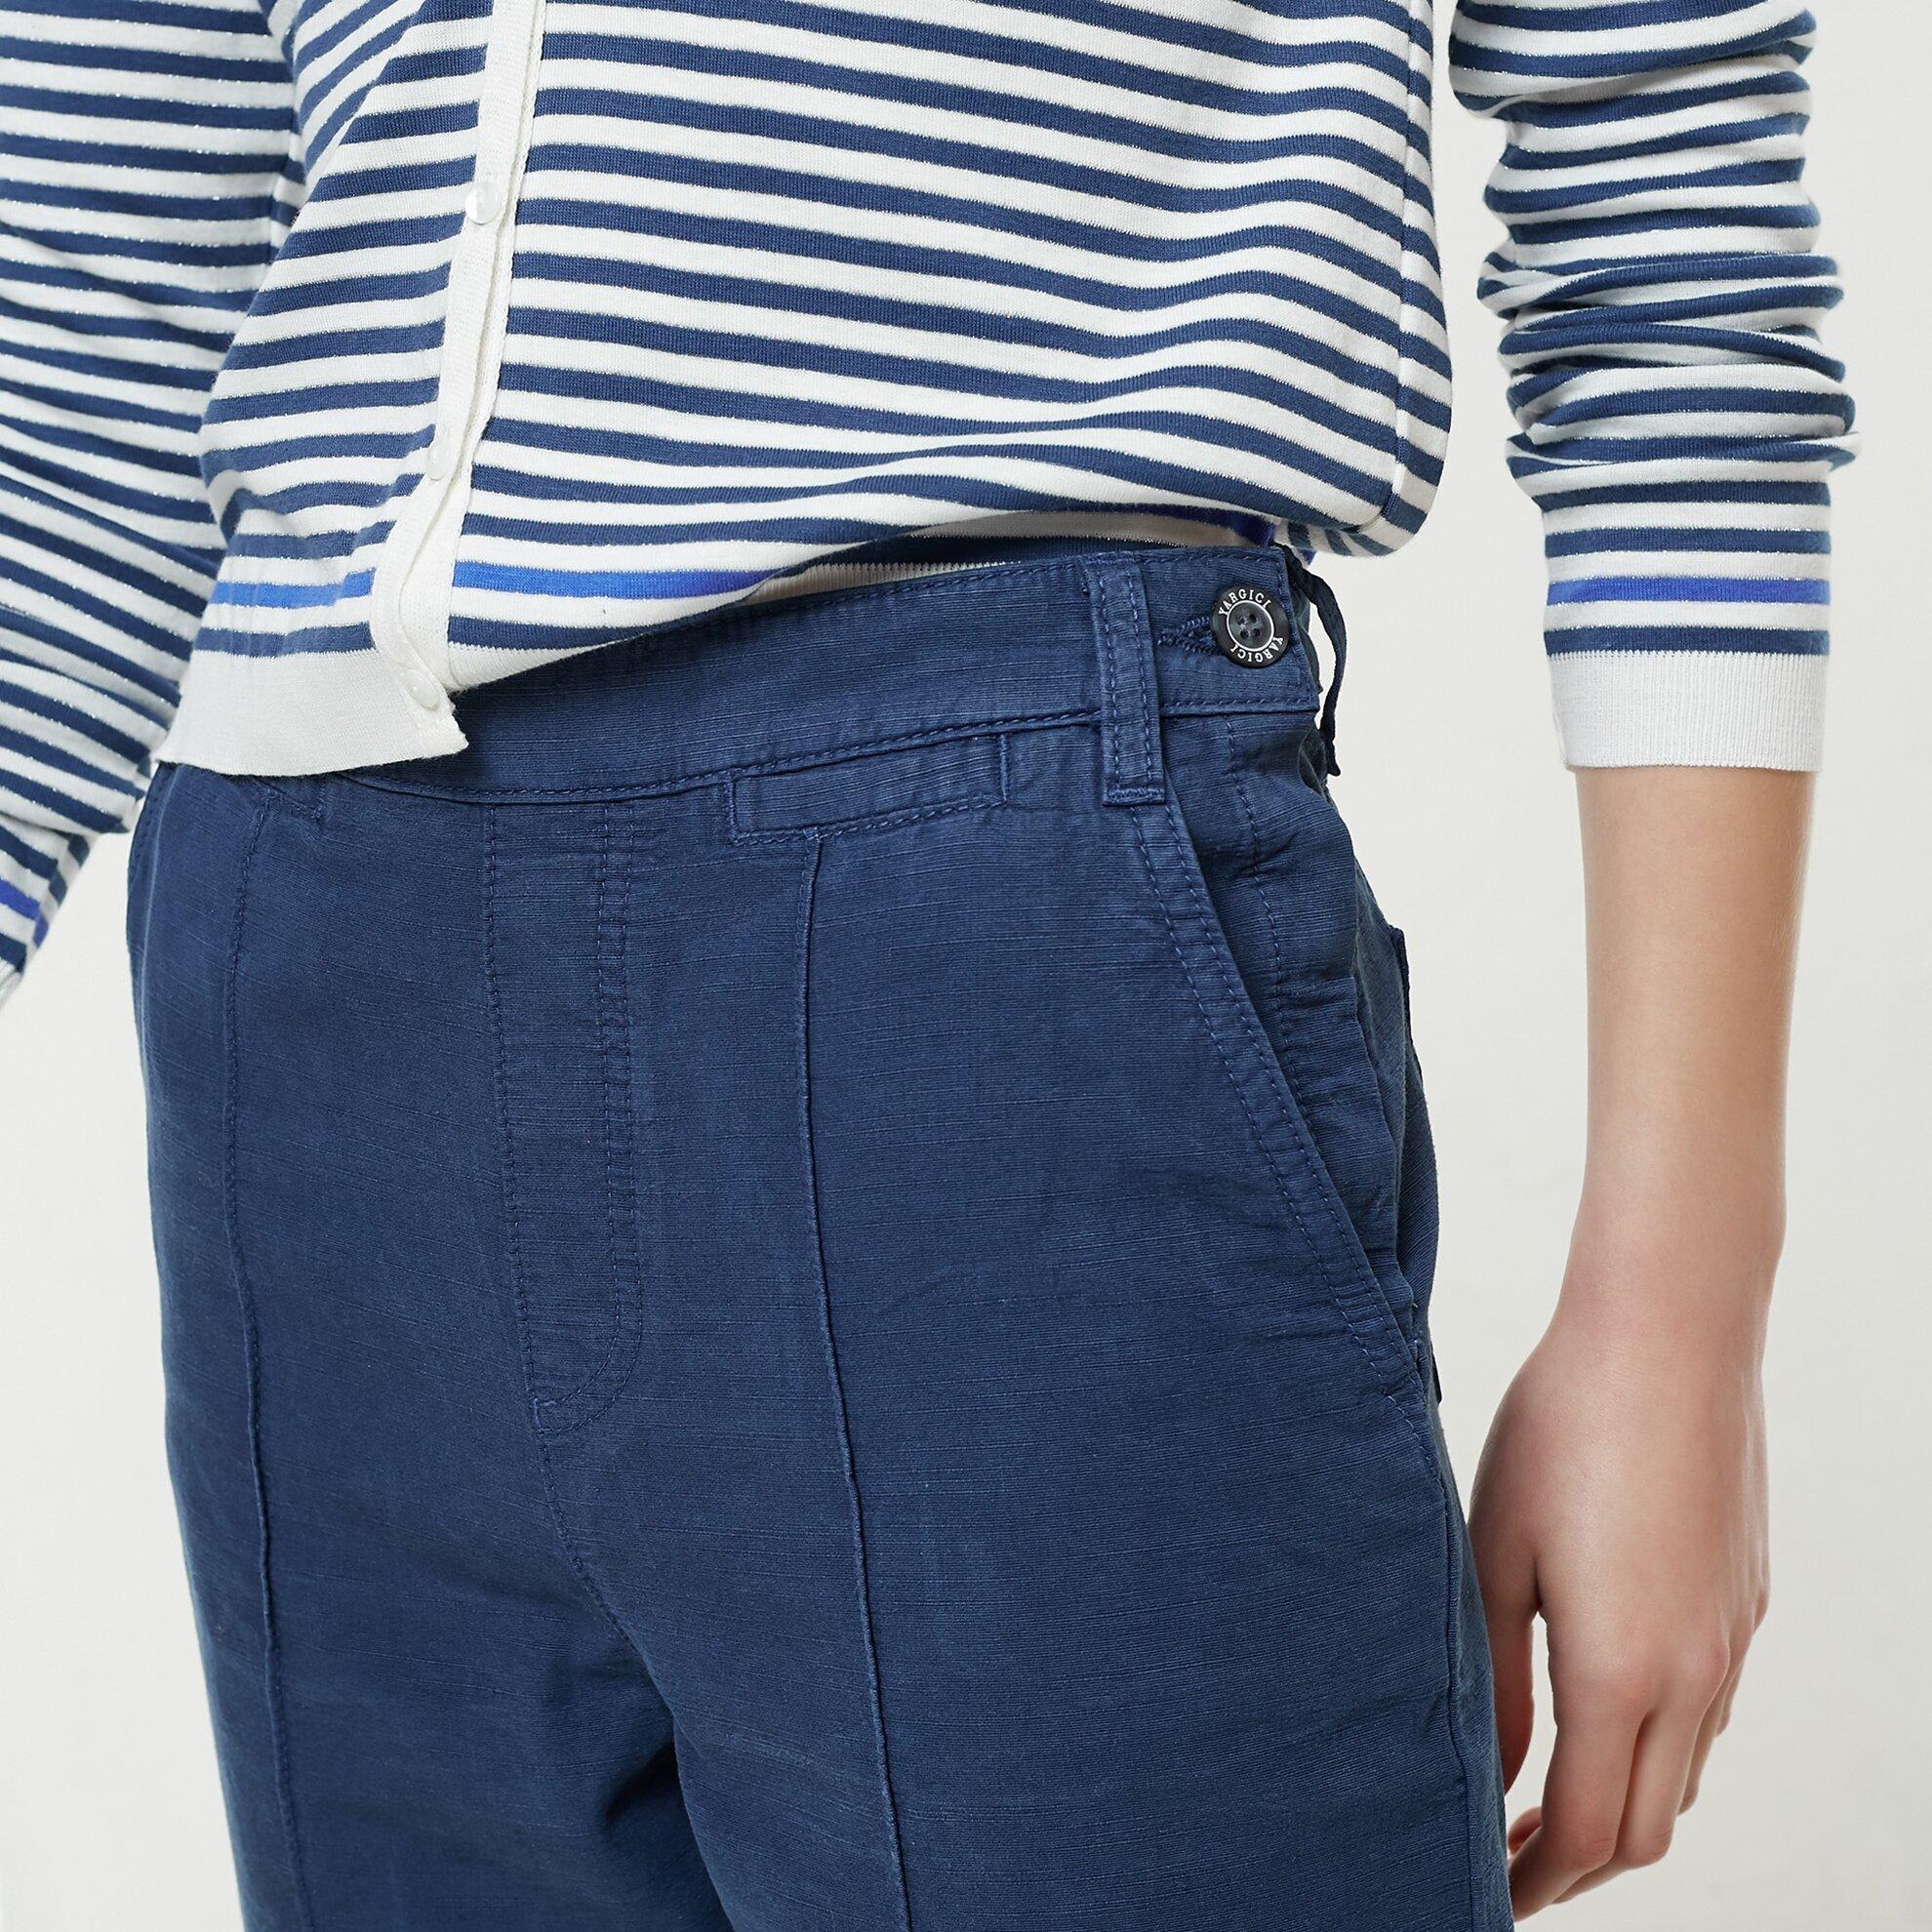 Nervür Detaylı Boru Paça Denim Pantolon